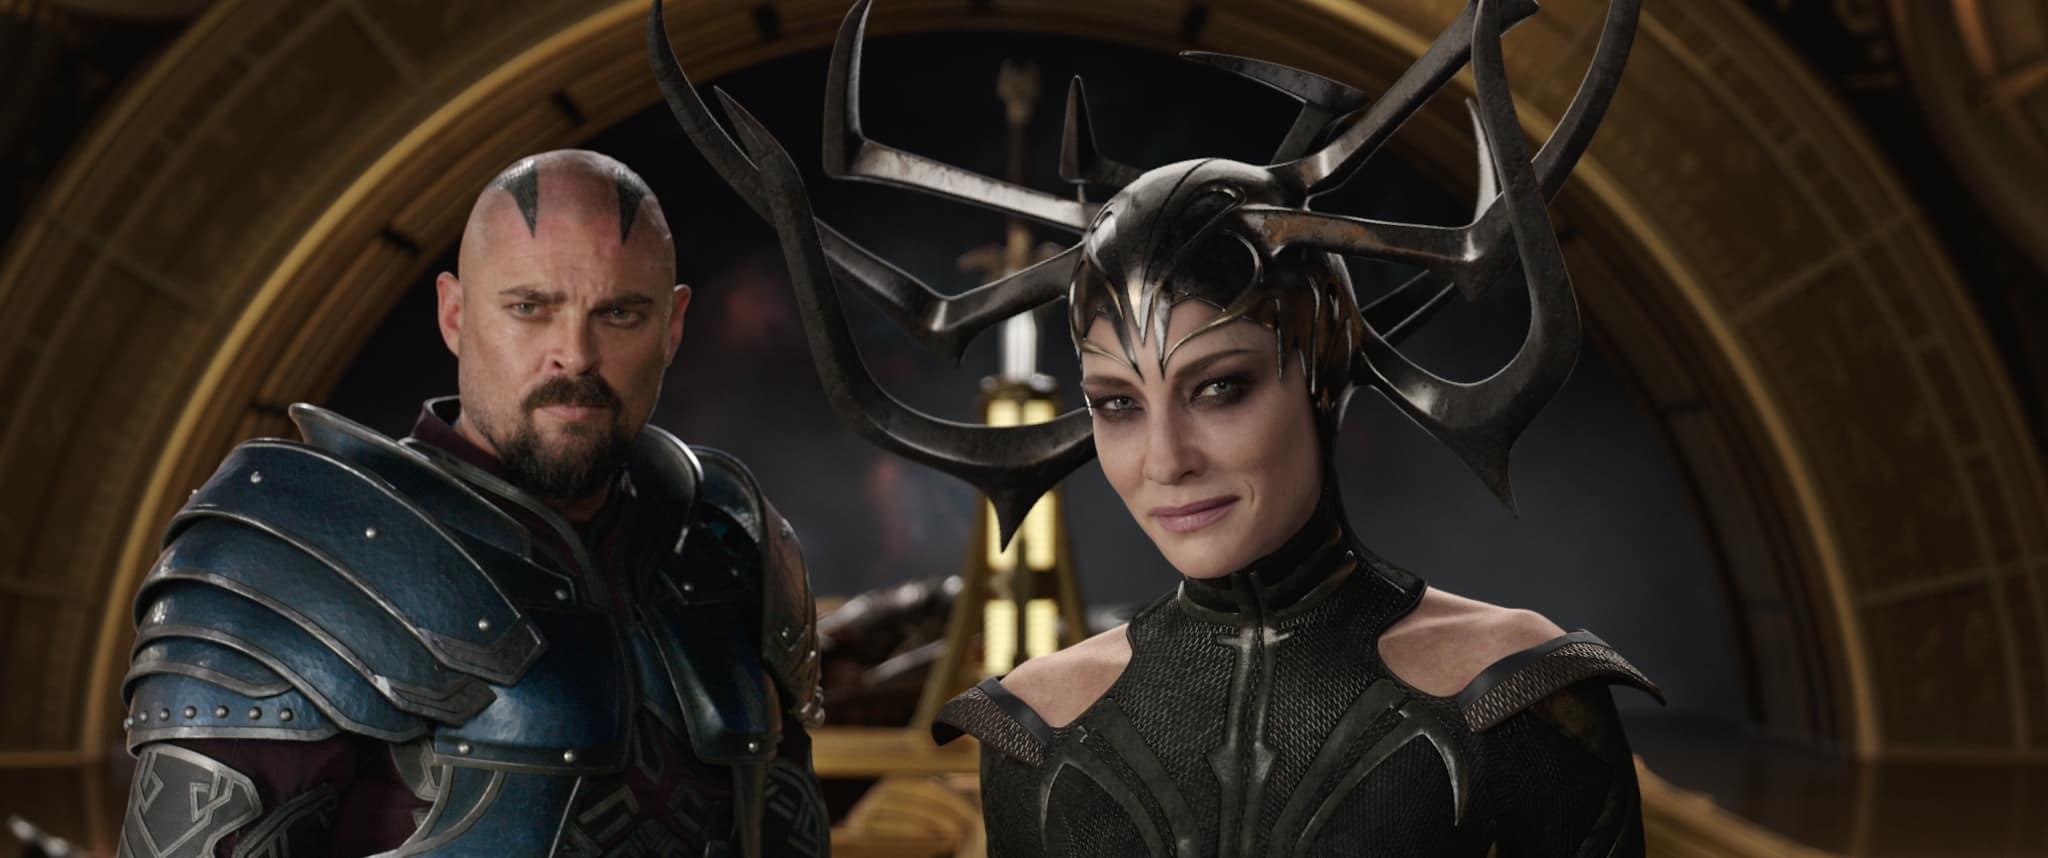 Thor: Ragnarok Review spoiler free